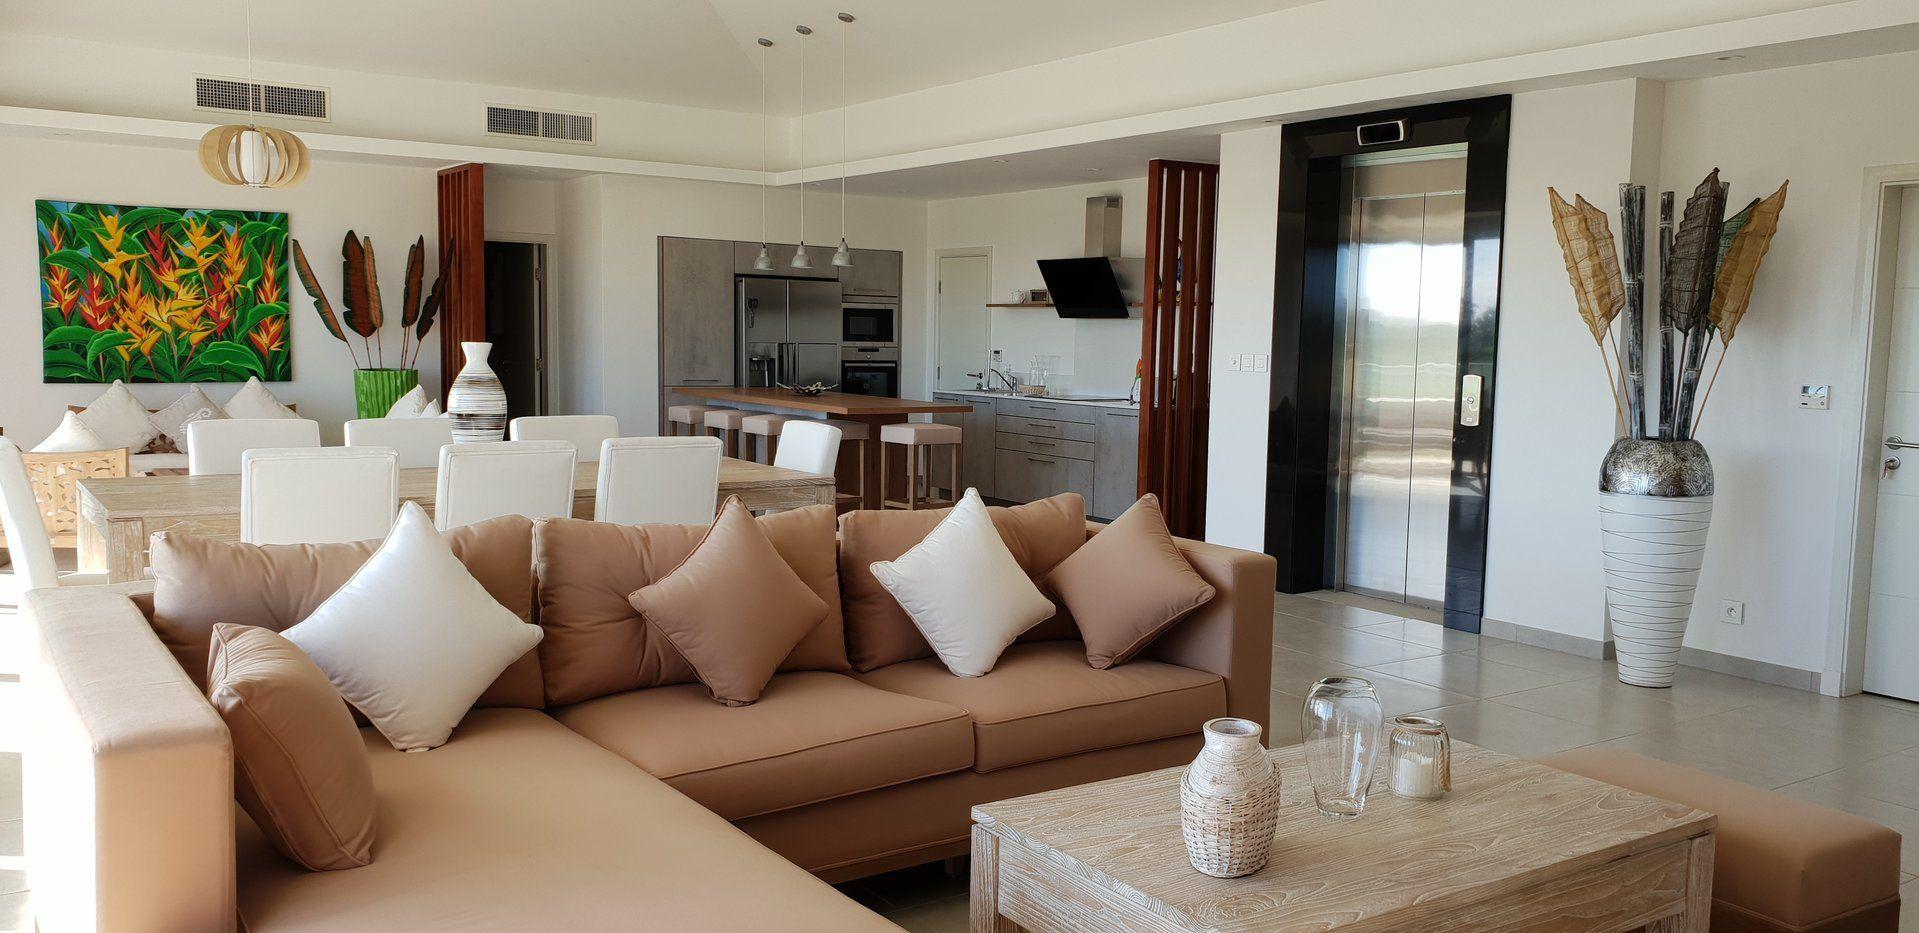 Maison à vendre 4 339.44m2 à Ile Maurice vignette-11